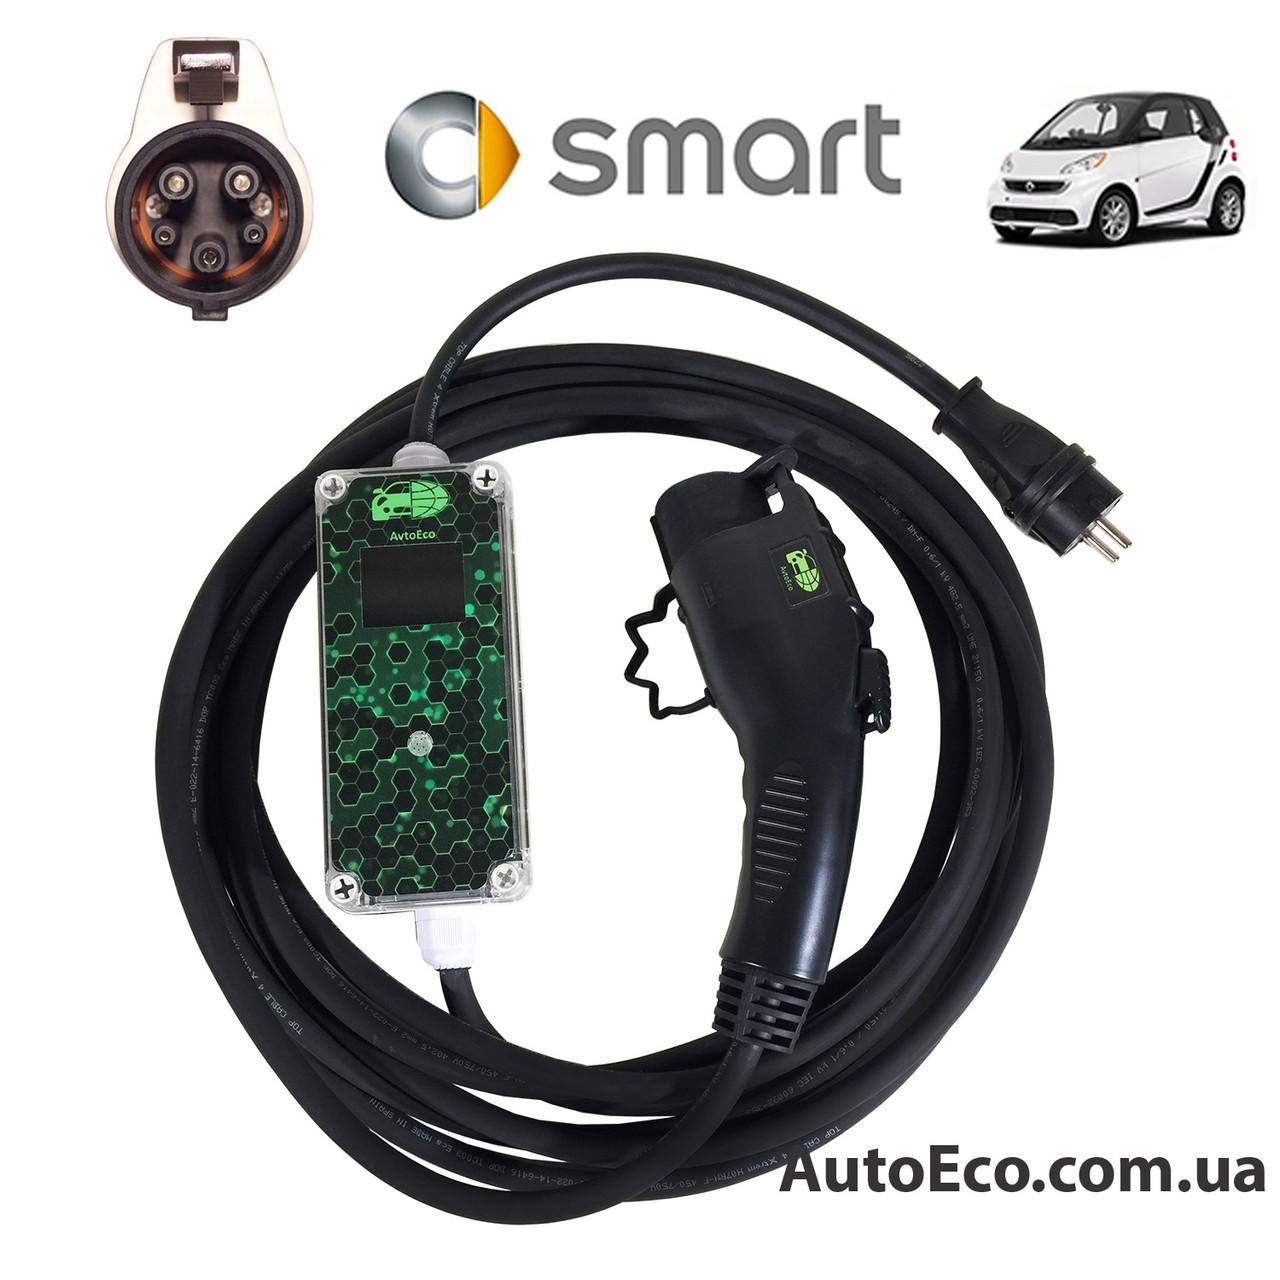 Зарядное устройство для электромобиля Smart Electric Drive AutoEco J1772-16A-BOX